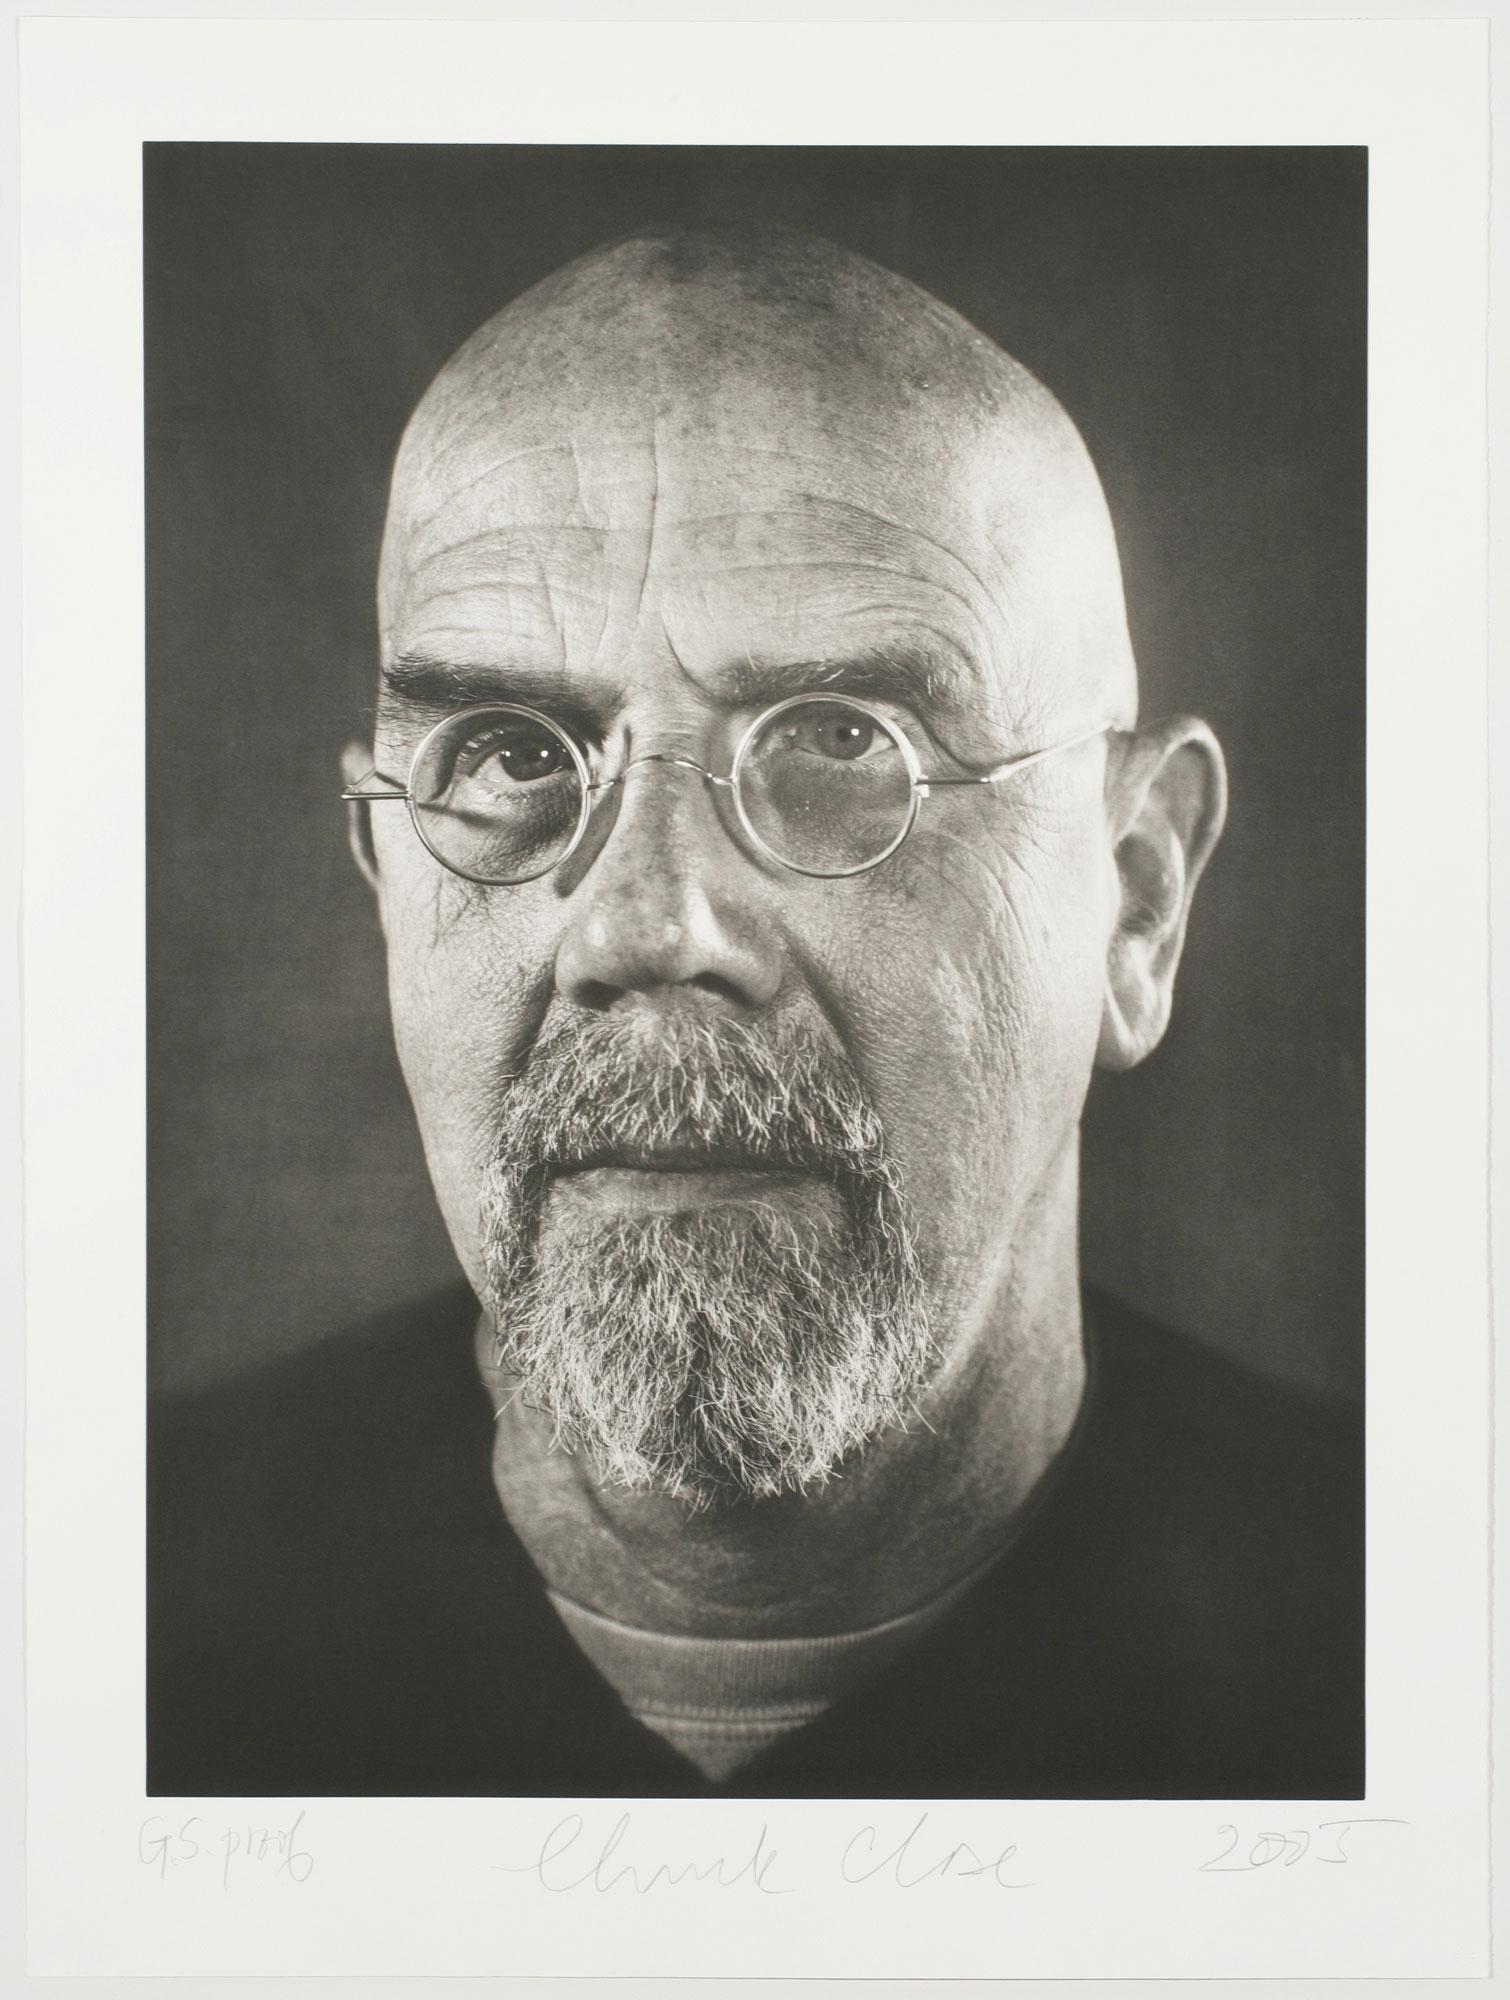 Self-portrait/photogravure by Chuck Close